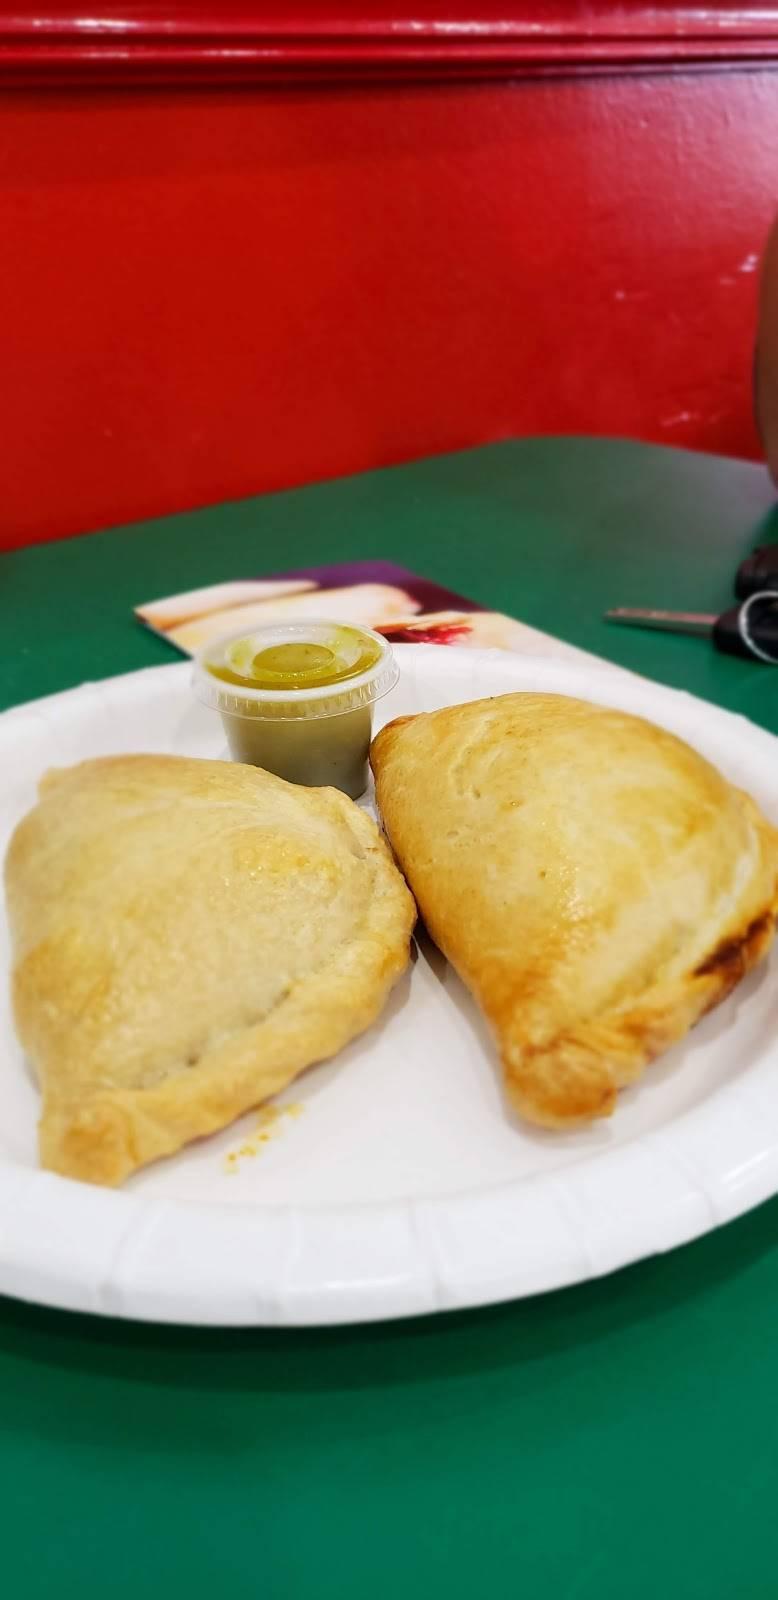 The Empanada Company | bakery | 15754 Farm to Market Rd 529 #200, Houston, TX 77095, USA | 8329007733 OR +1 832-900-7733